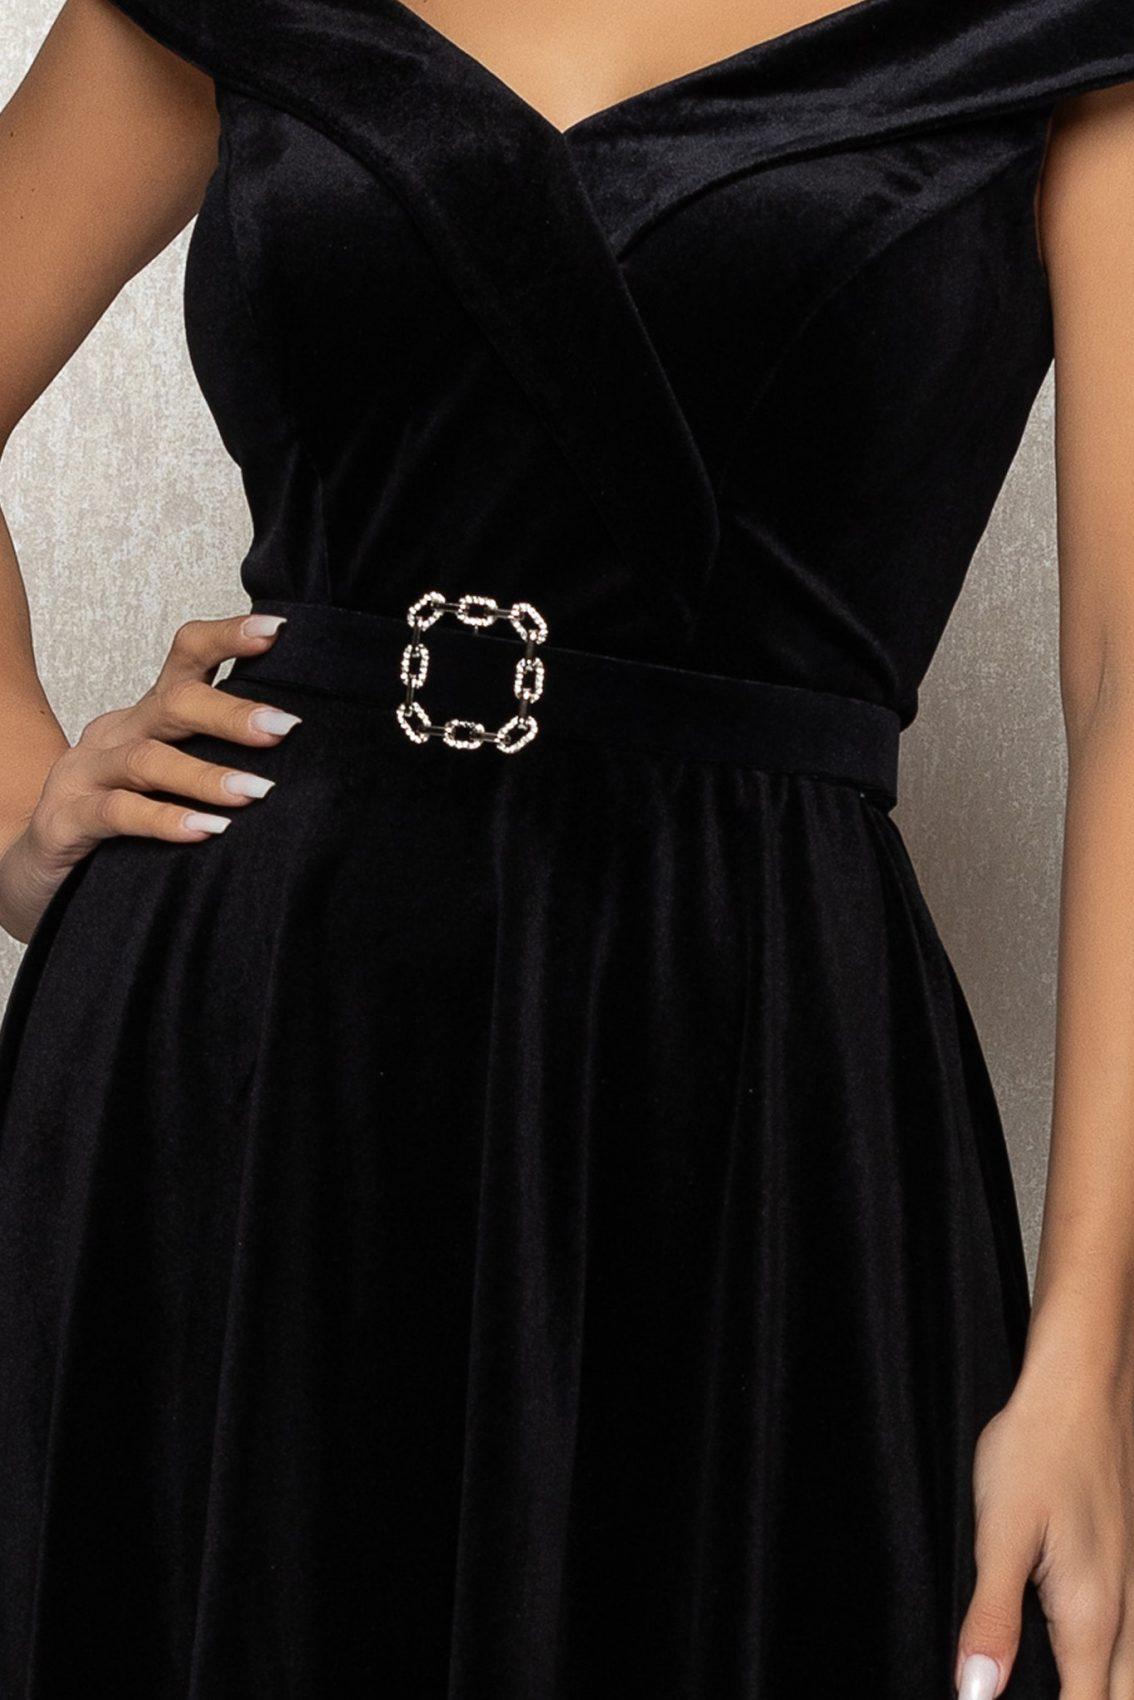 Μαύρο Αμάνικο Αμπιγιέ Φόρεμα Από Βελούδο Yovanna T372 3